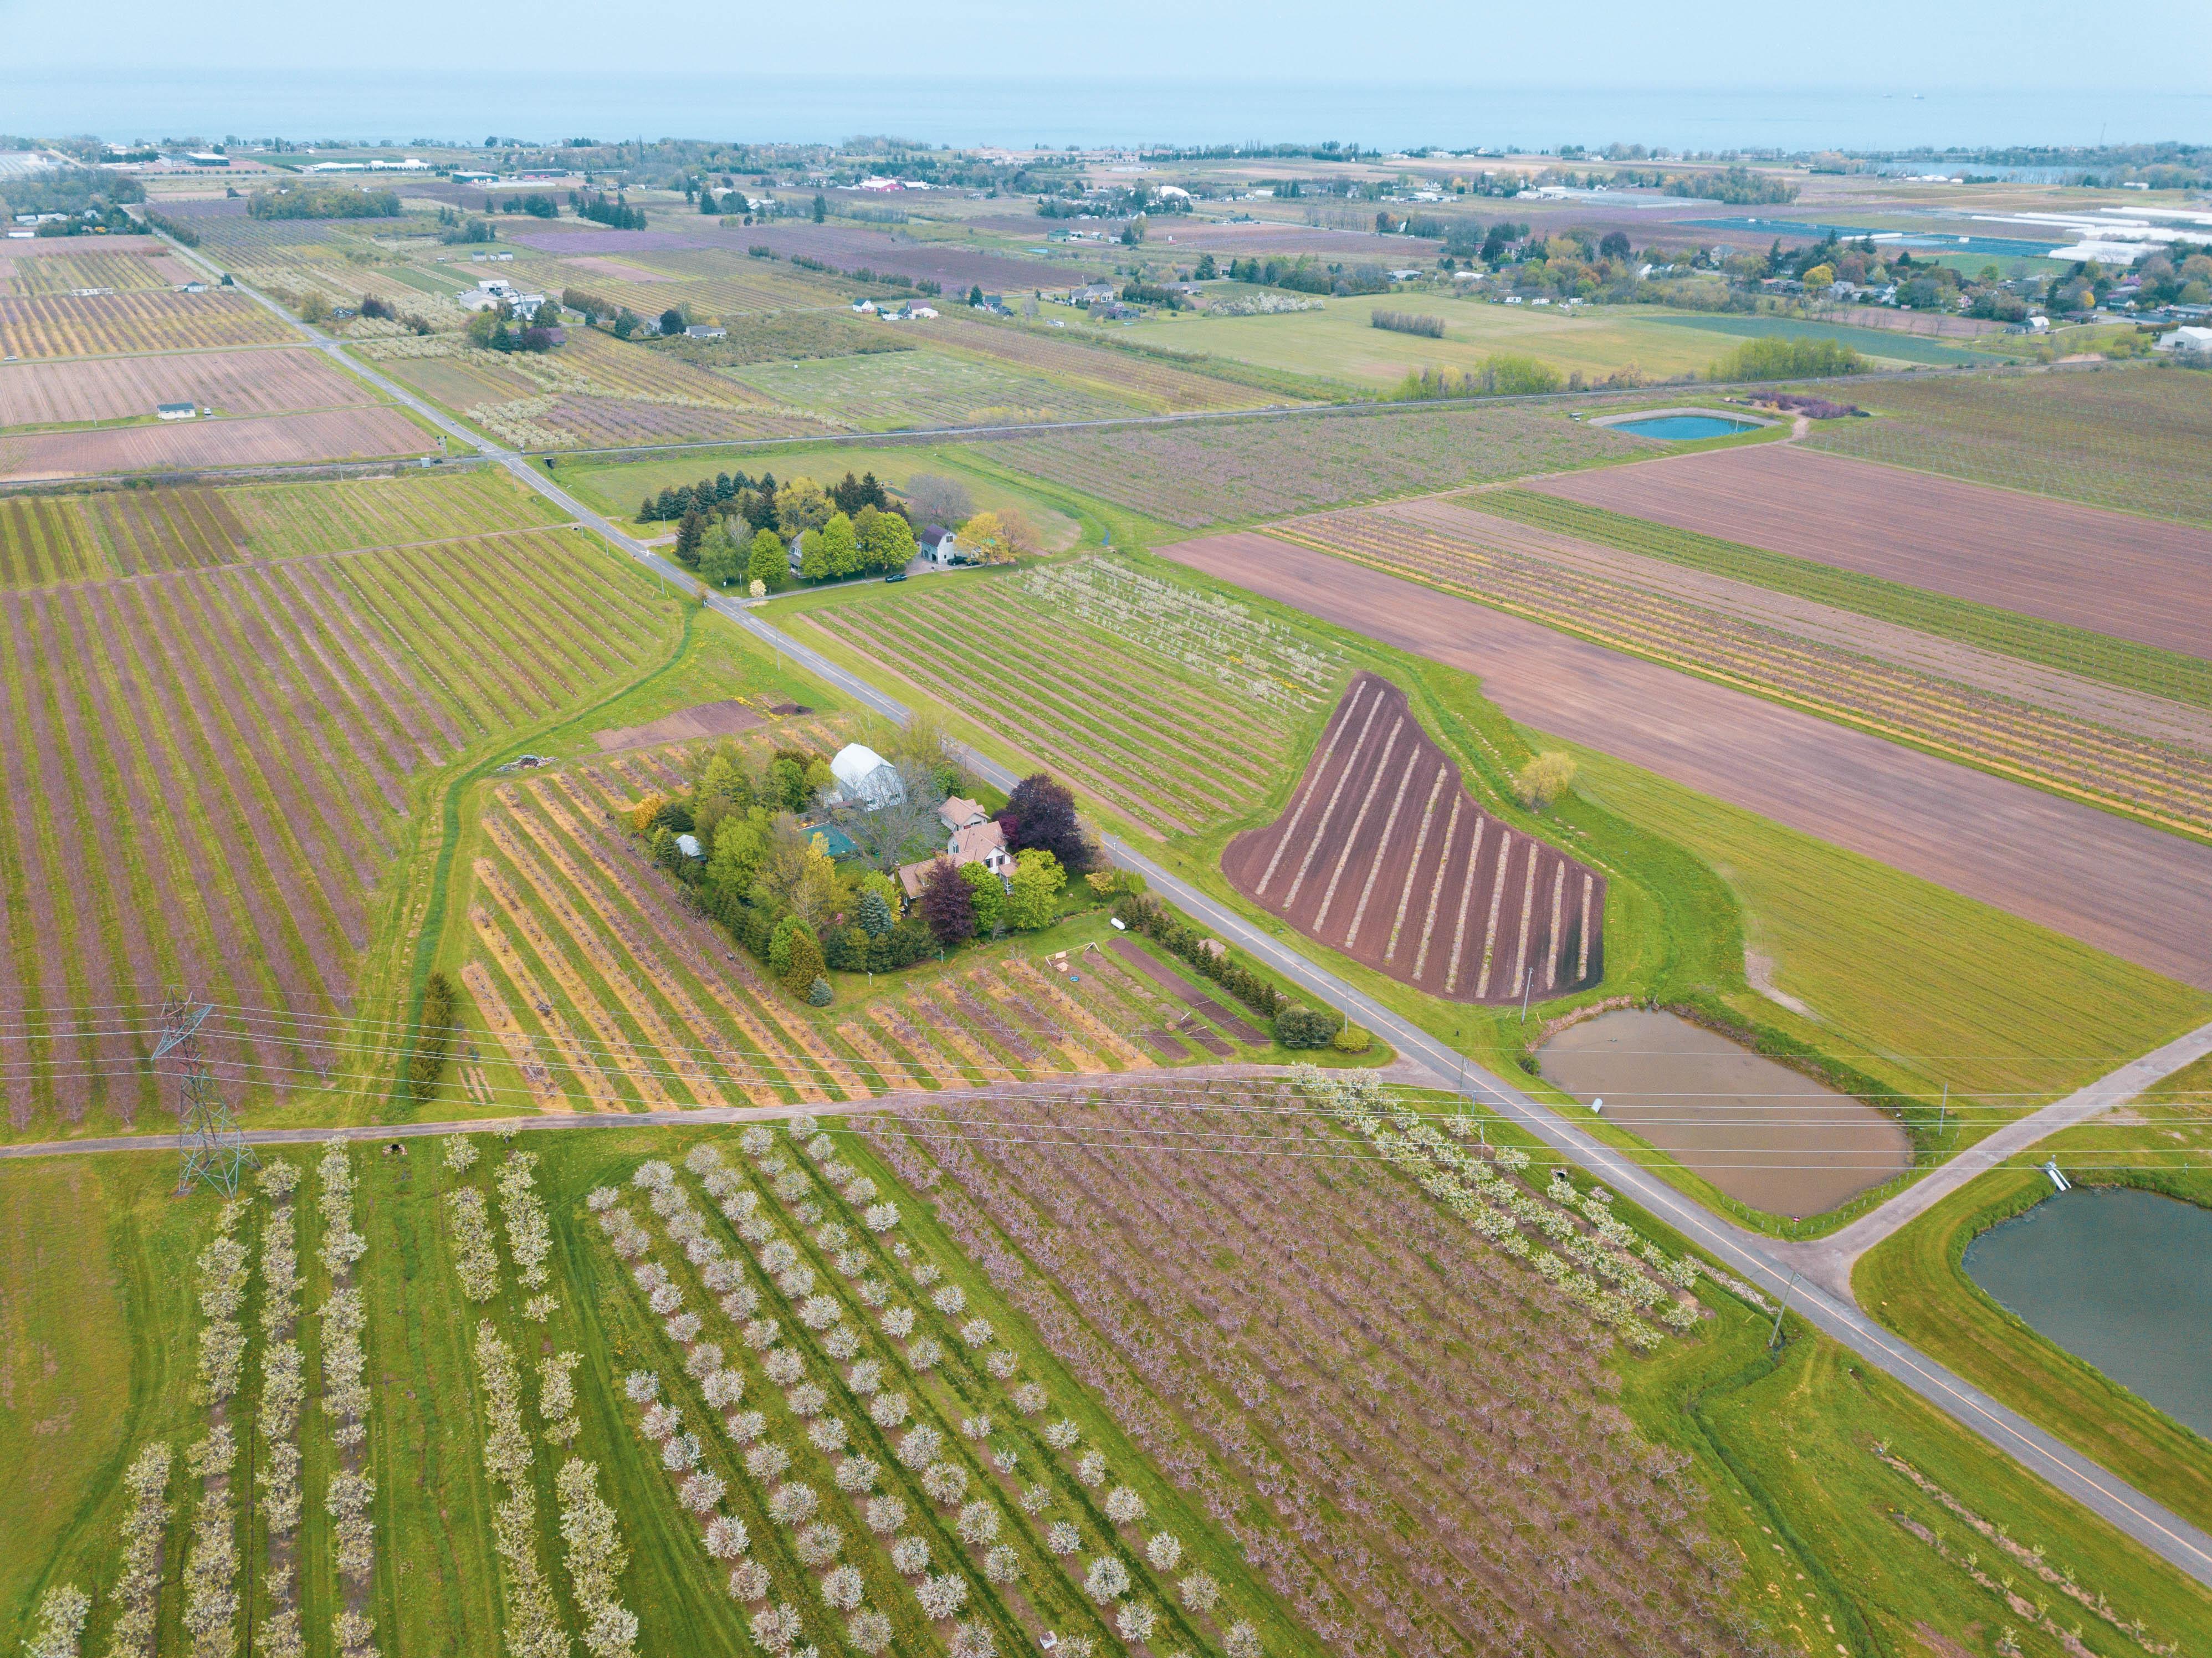 Aerial of wineries